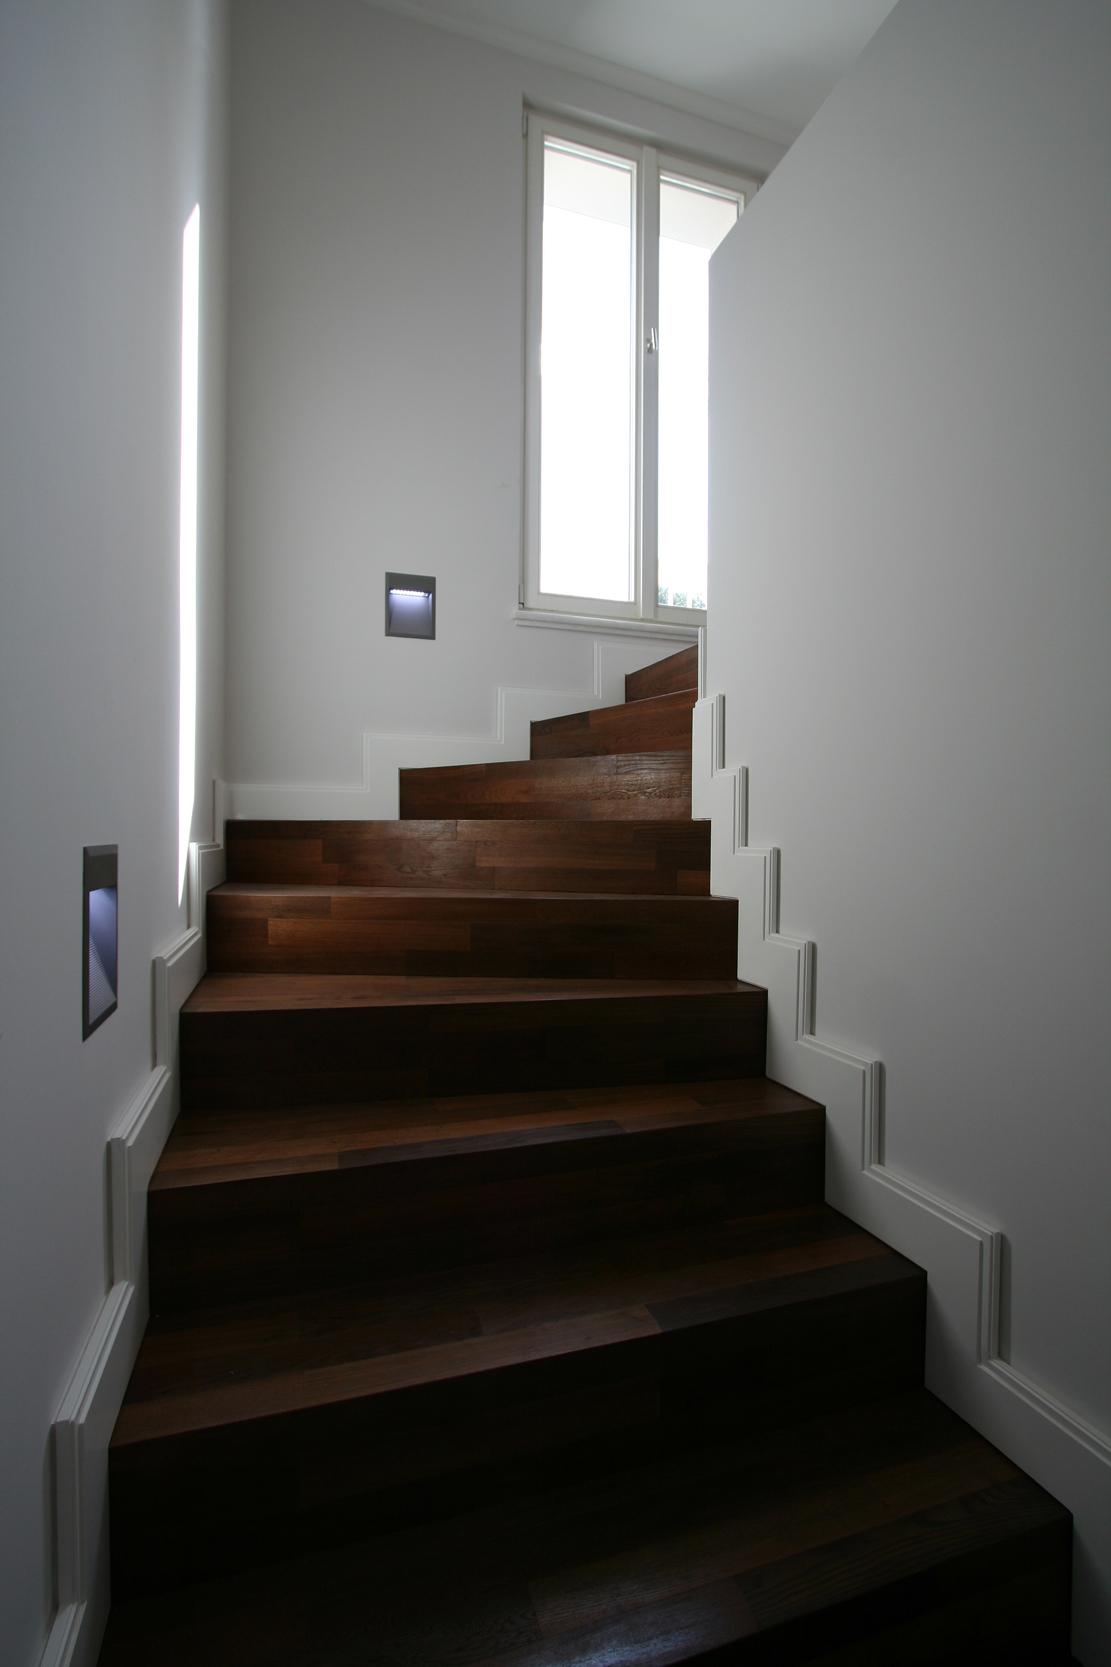 Neubau einer Villa im neoklassizistischen Stil - Die Treppe zur Terrasse wurde aus massiver Raucheiche und handgefertigten Sockelprofilen hergestellt